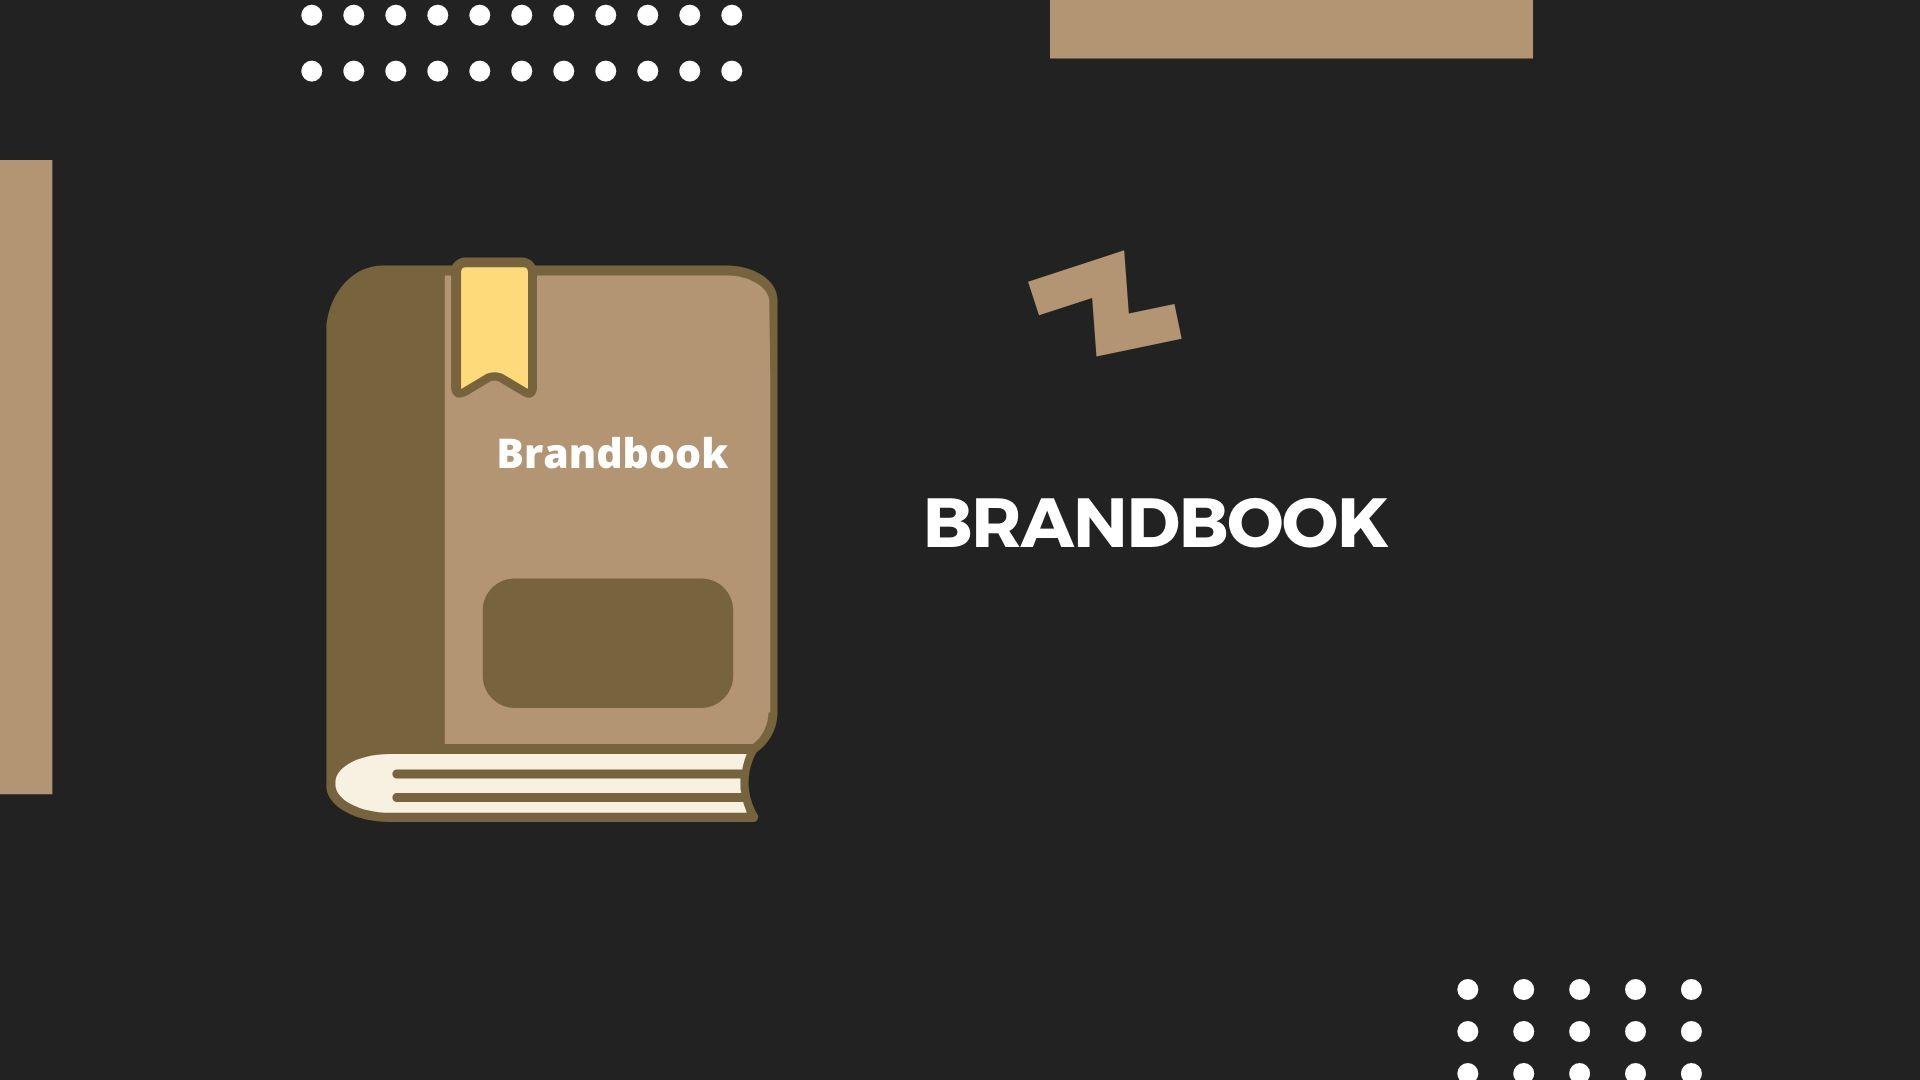 Зачем нужна разработка брендбука при создании нового бренда